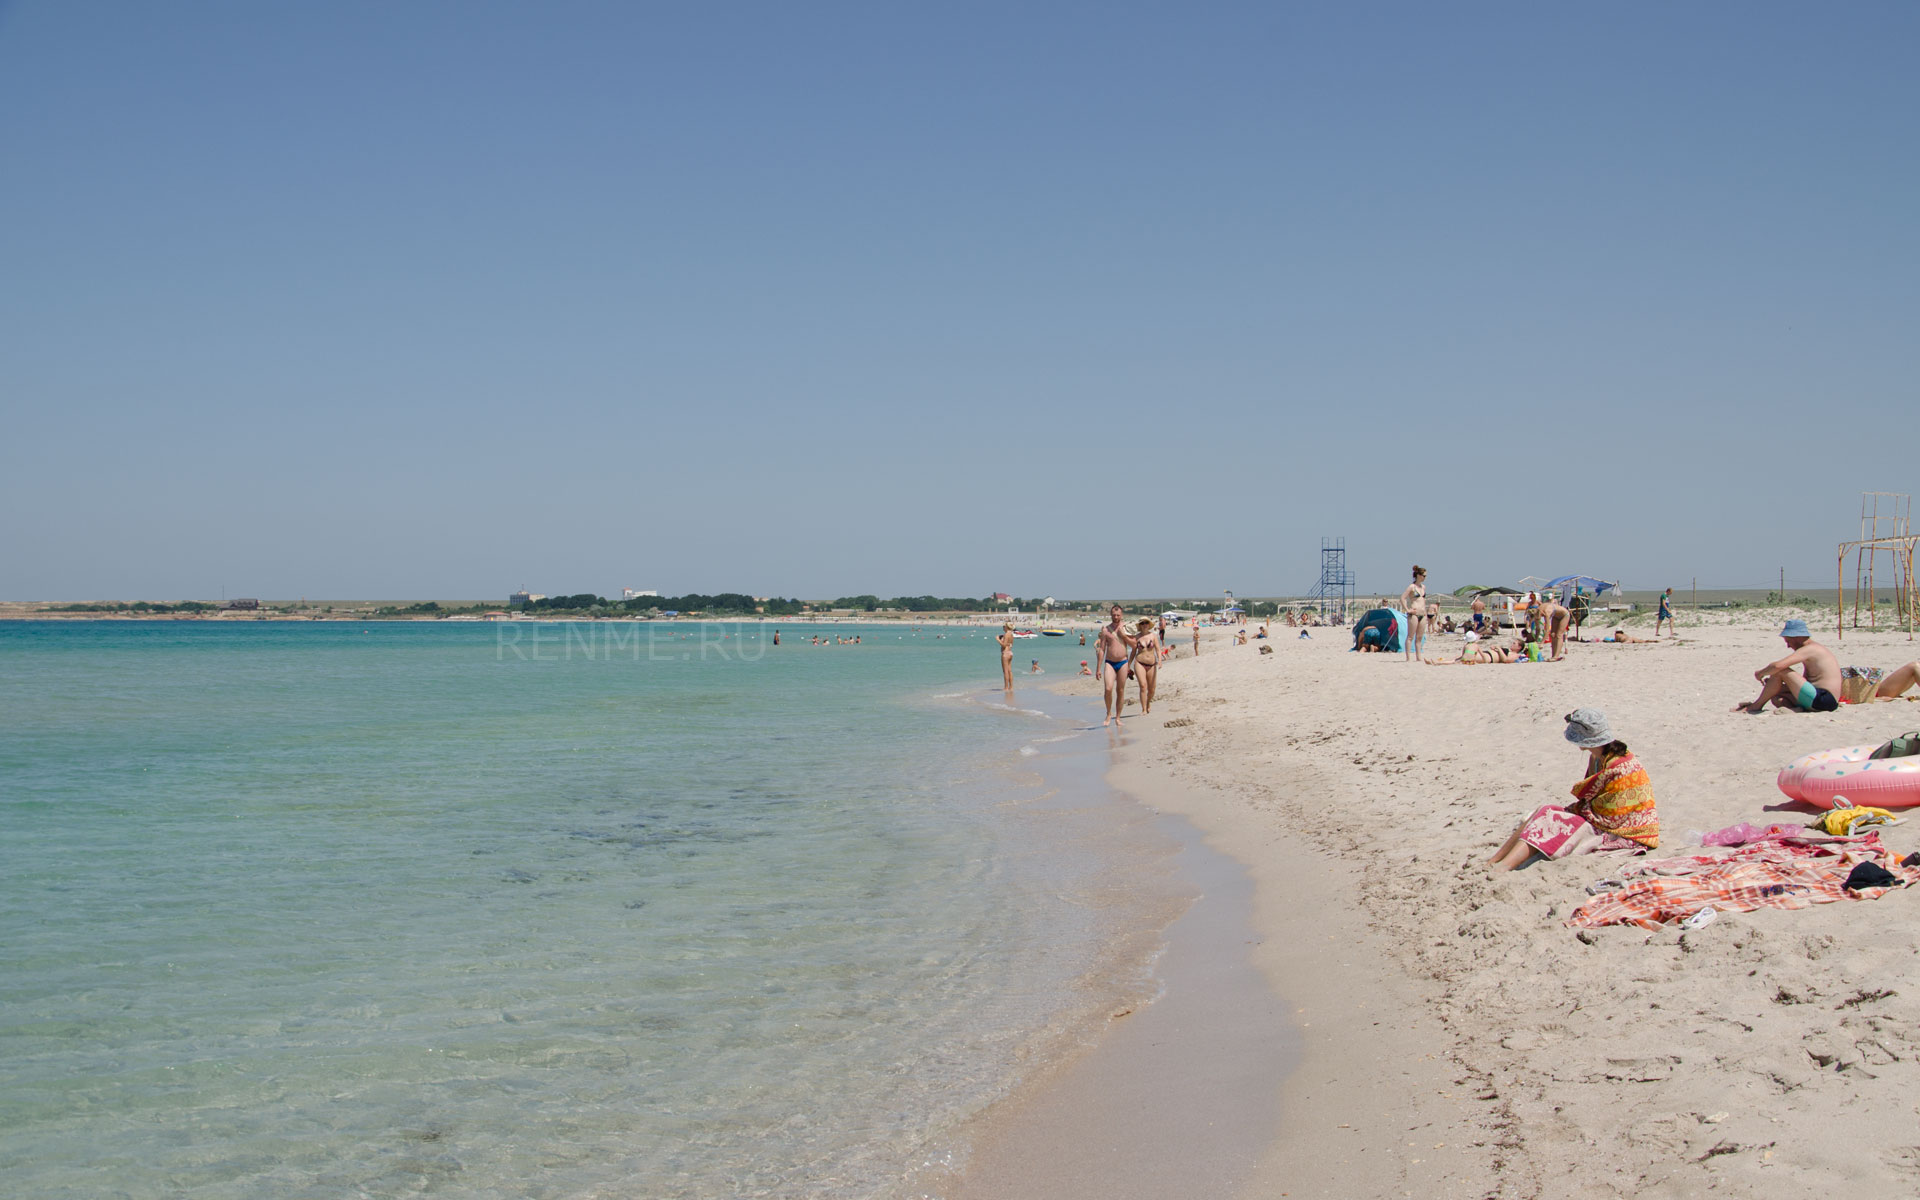 Песчаный пляж в Оленевке 2019. Фото Оленевки